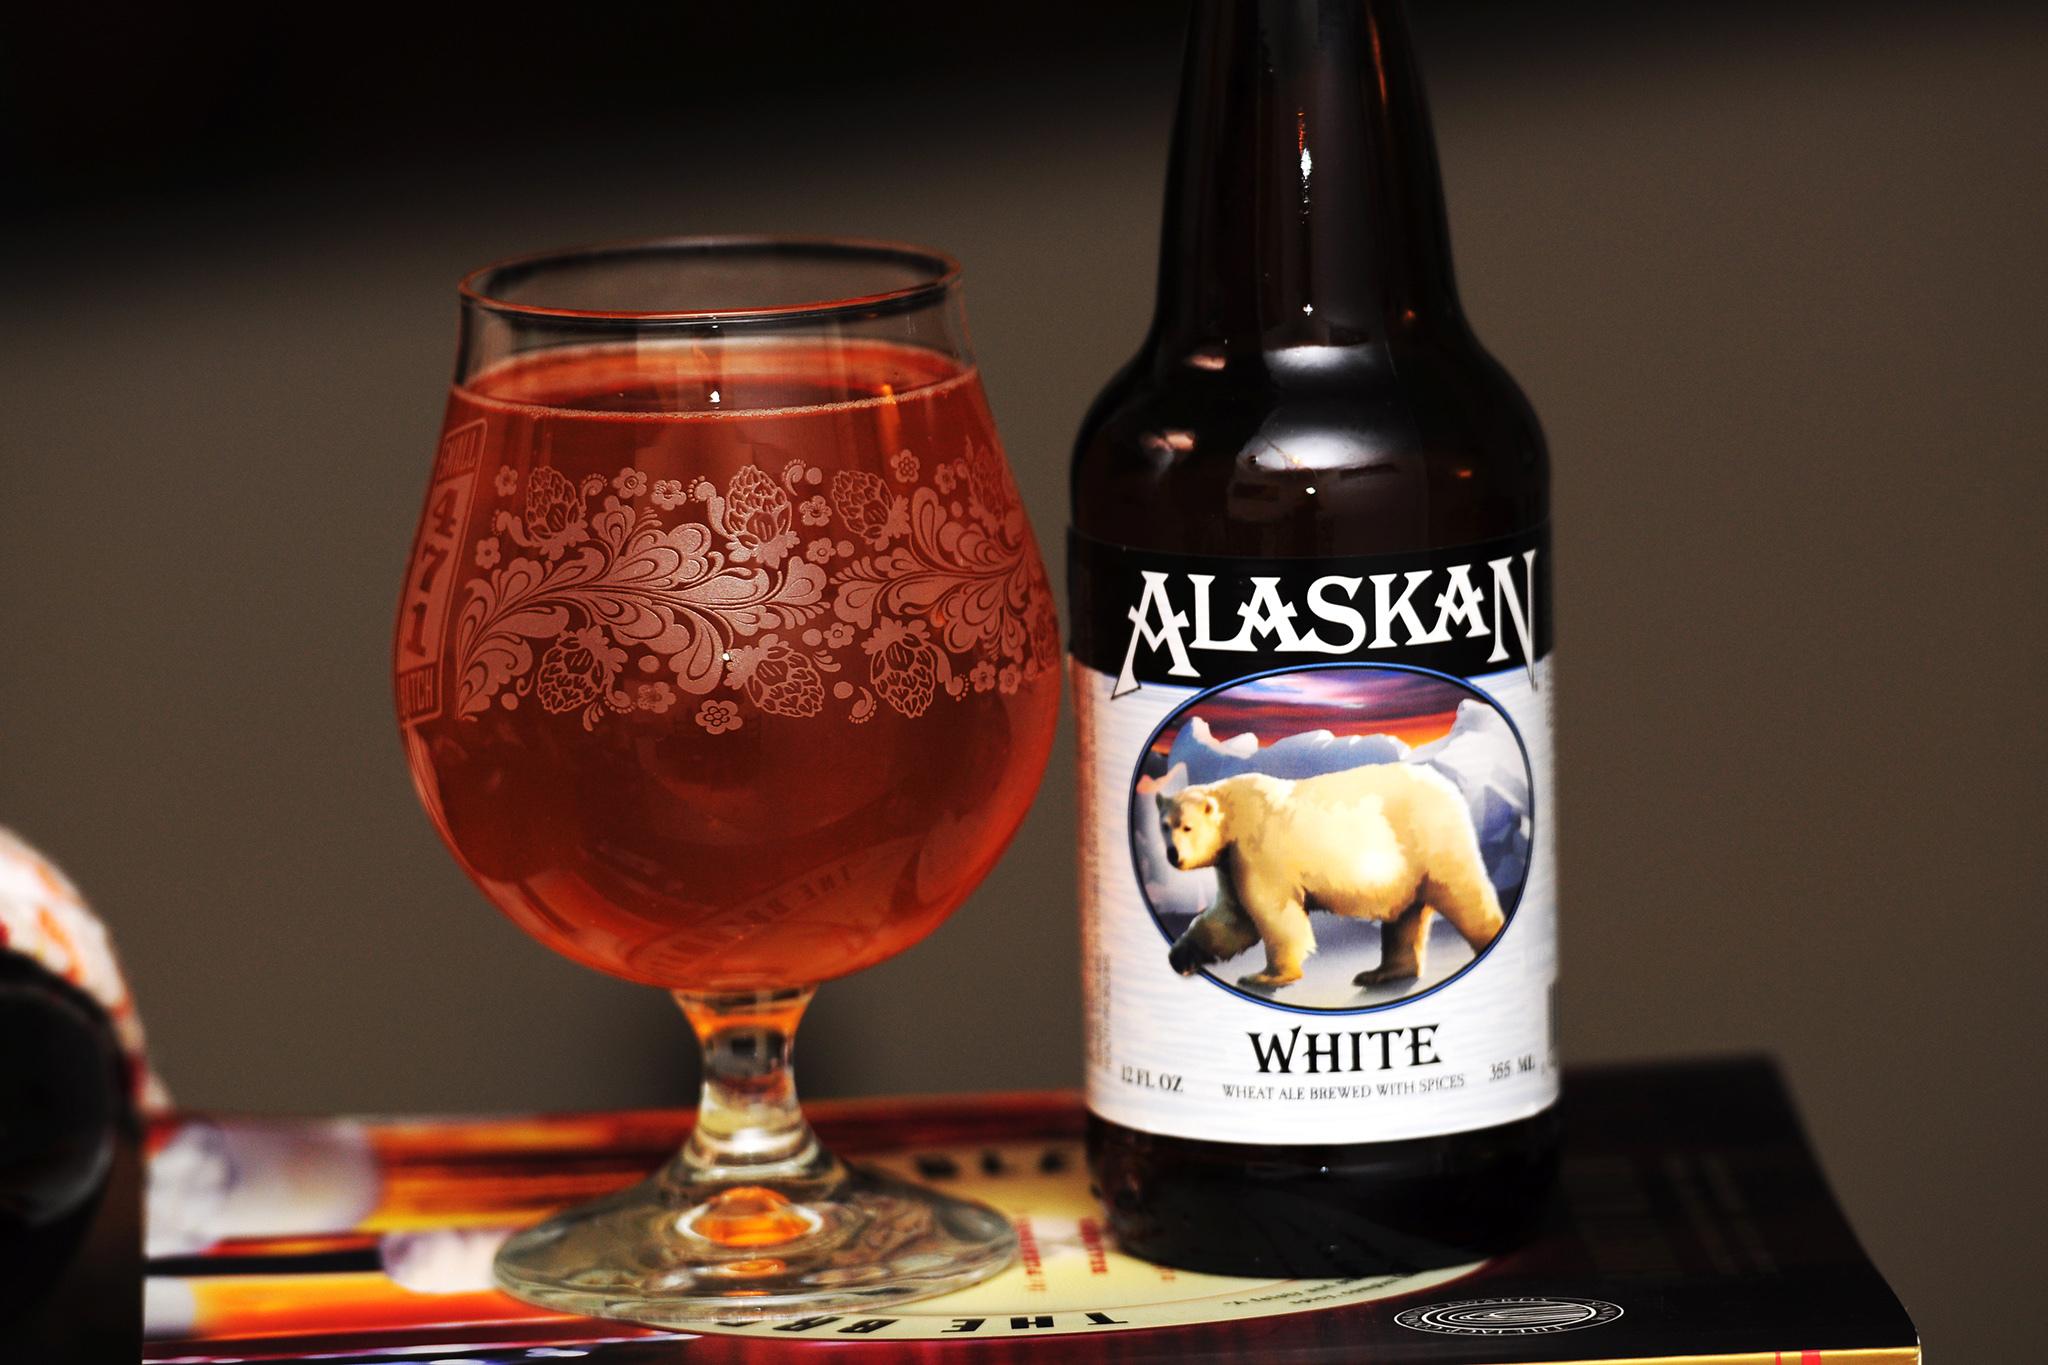 Alaskan White, Alaskan Brewing Company, Juneau, AK